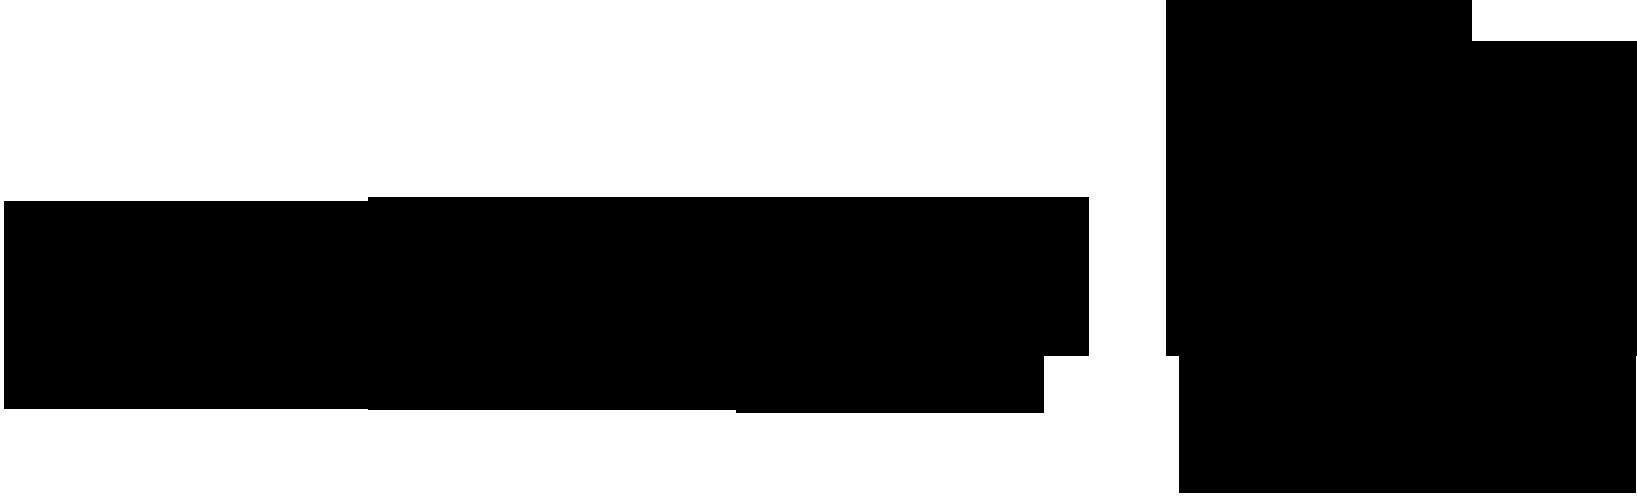 EPA2019